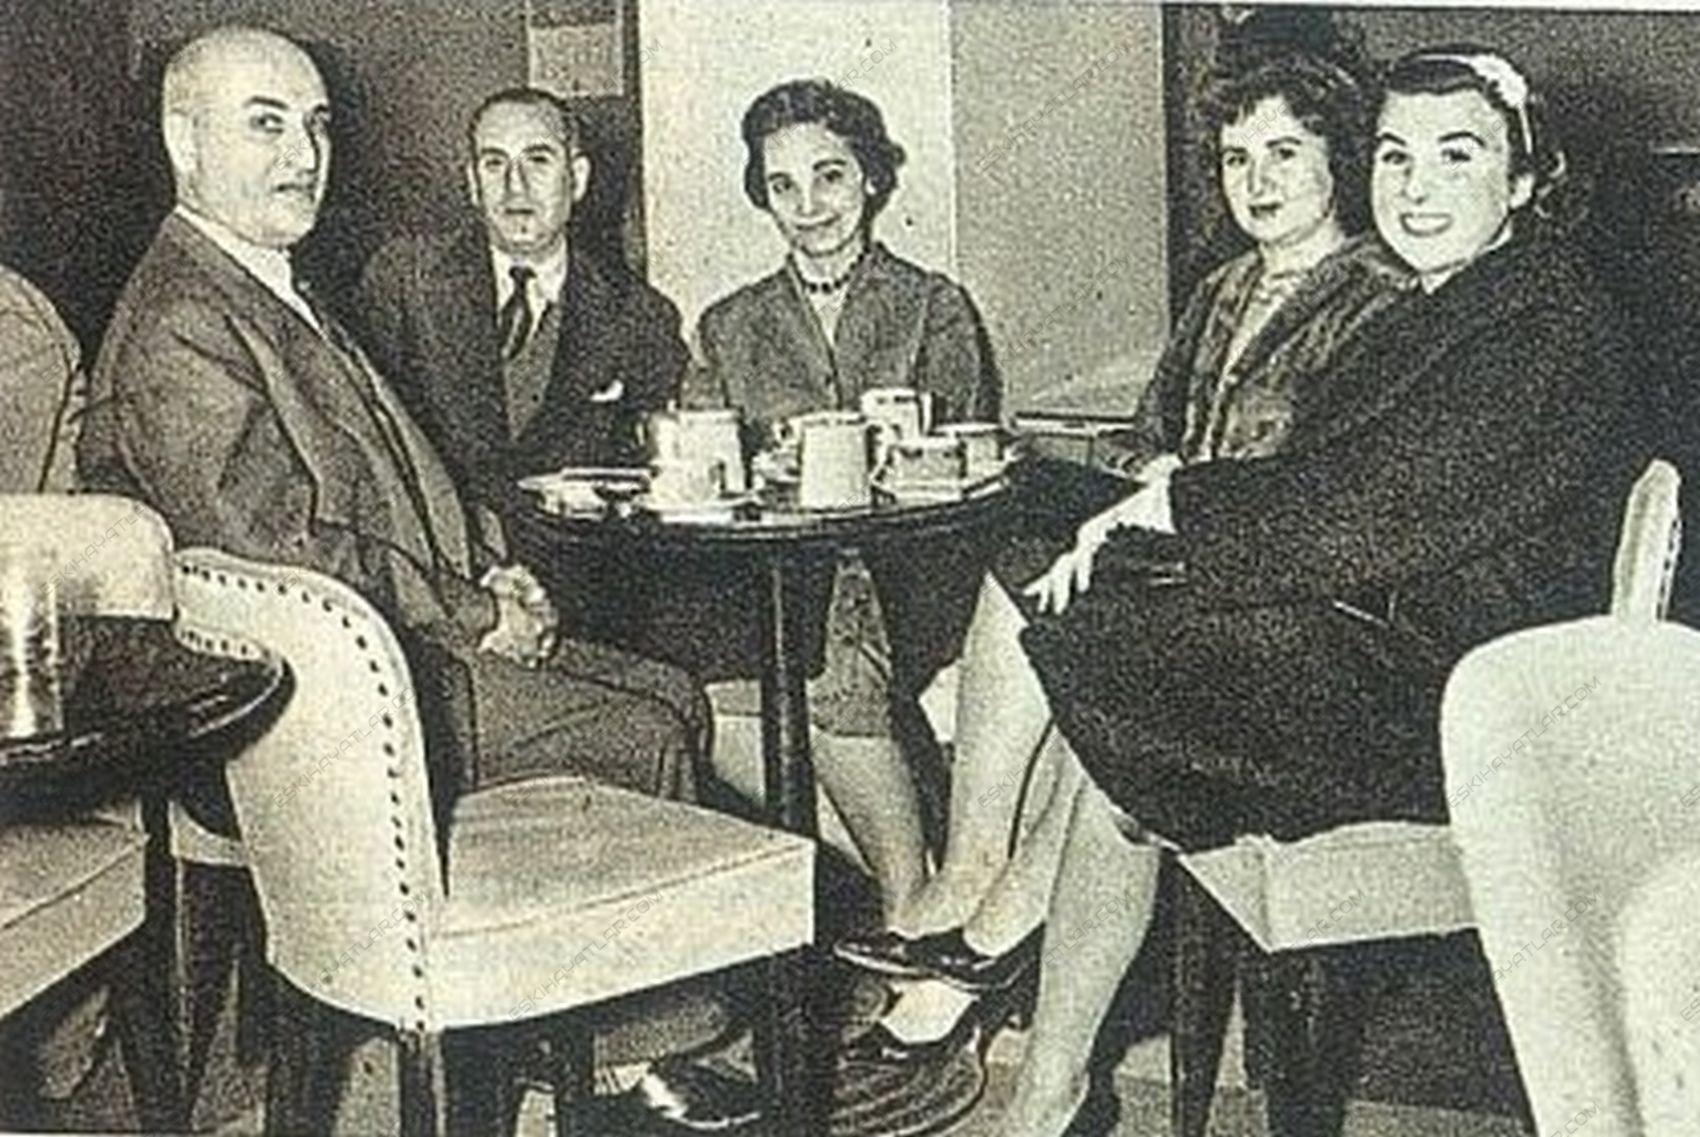 0155-eski-istanbul-nasildi-1940-larda-turkiye-adalet-cimcoz-roportaji-1994-cosmopolitan-dergisi (3)